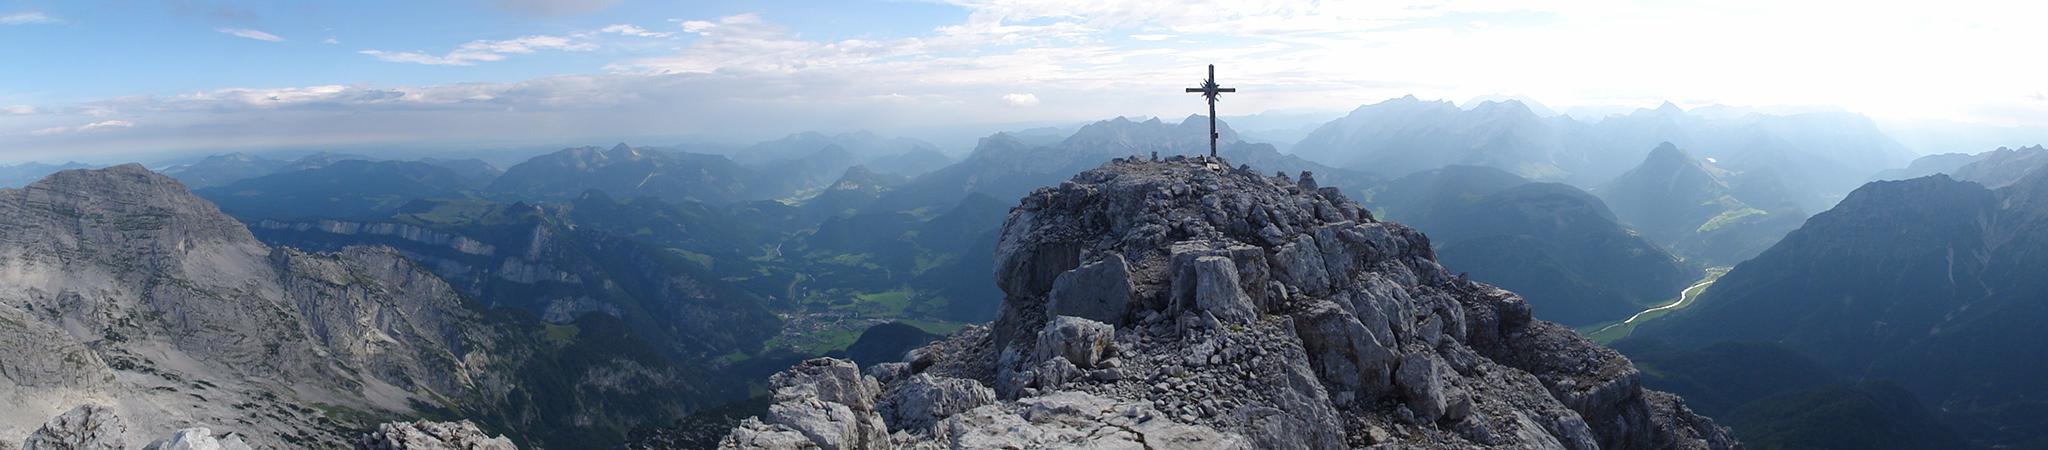 Arnoweg: Das Gipfelkreuz am Ochsenhorn (2511 m) in den Loferer Steinbergen hoch über dem Saalachtal